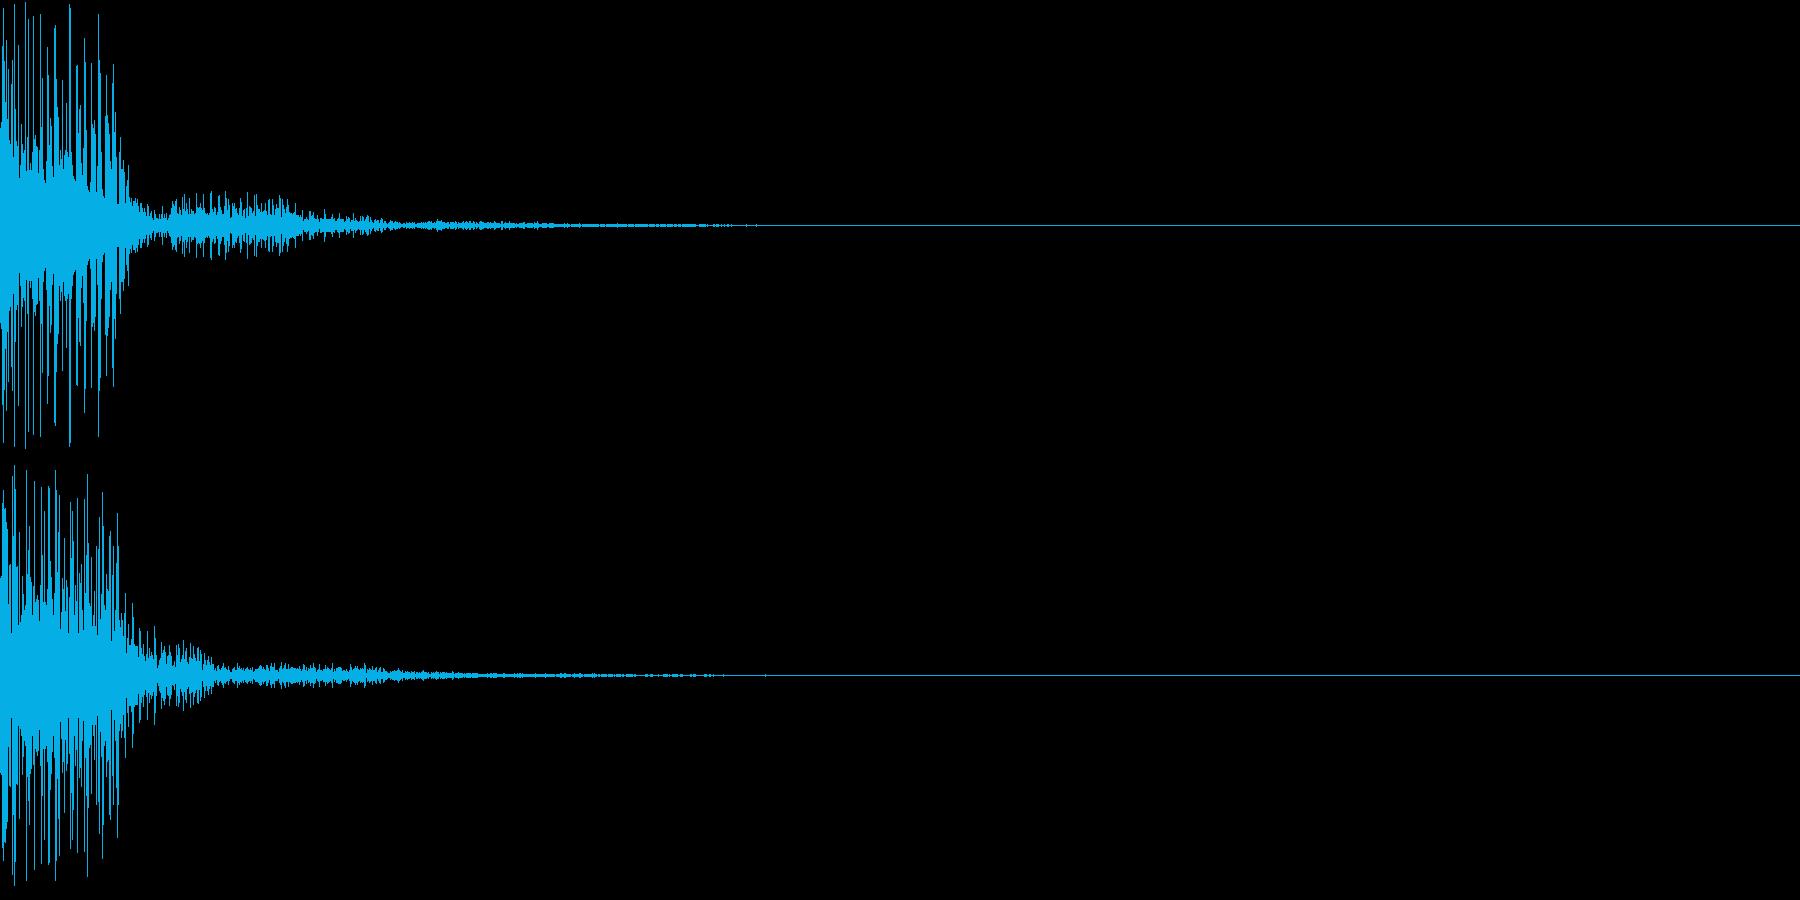 ダメージ/エラー音「ブブッ」デジタル系の再生済みの波形